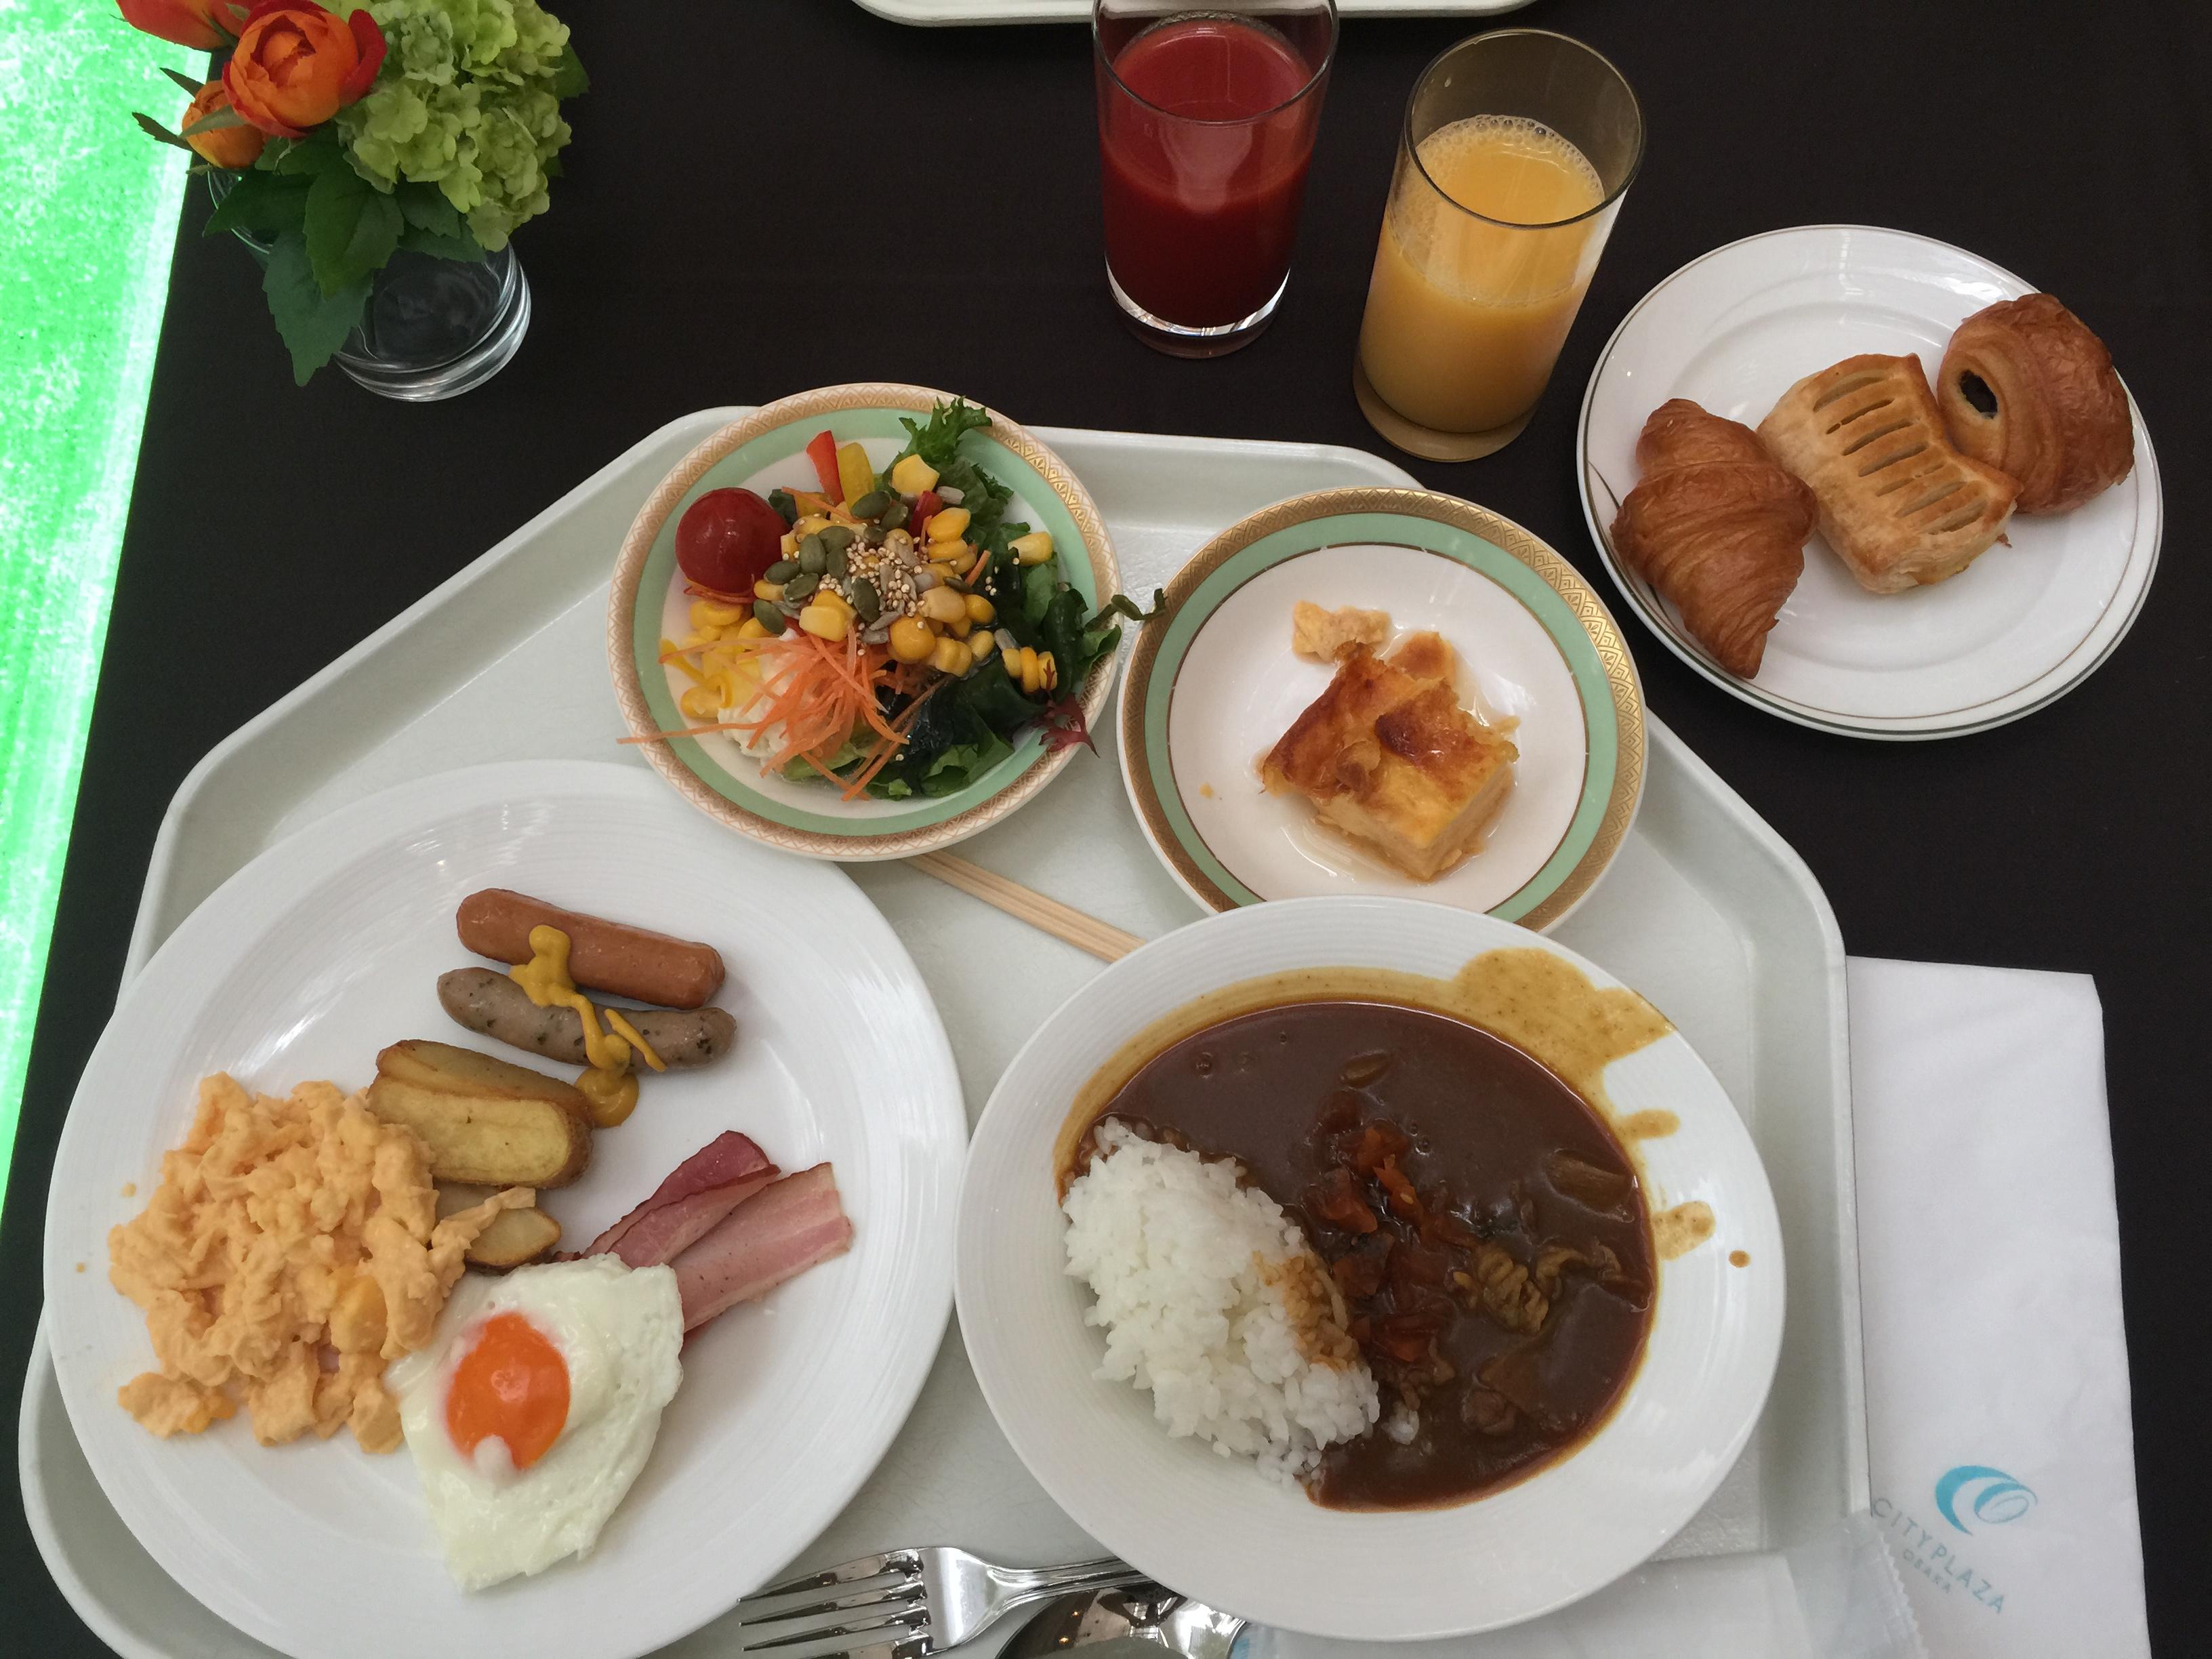 「シティプラザ大阪HOTEL&SPA 朝食」の画像検索結果